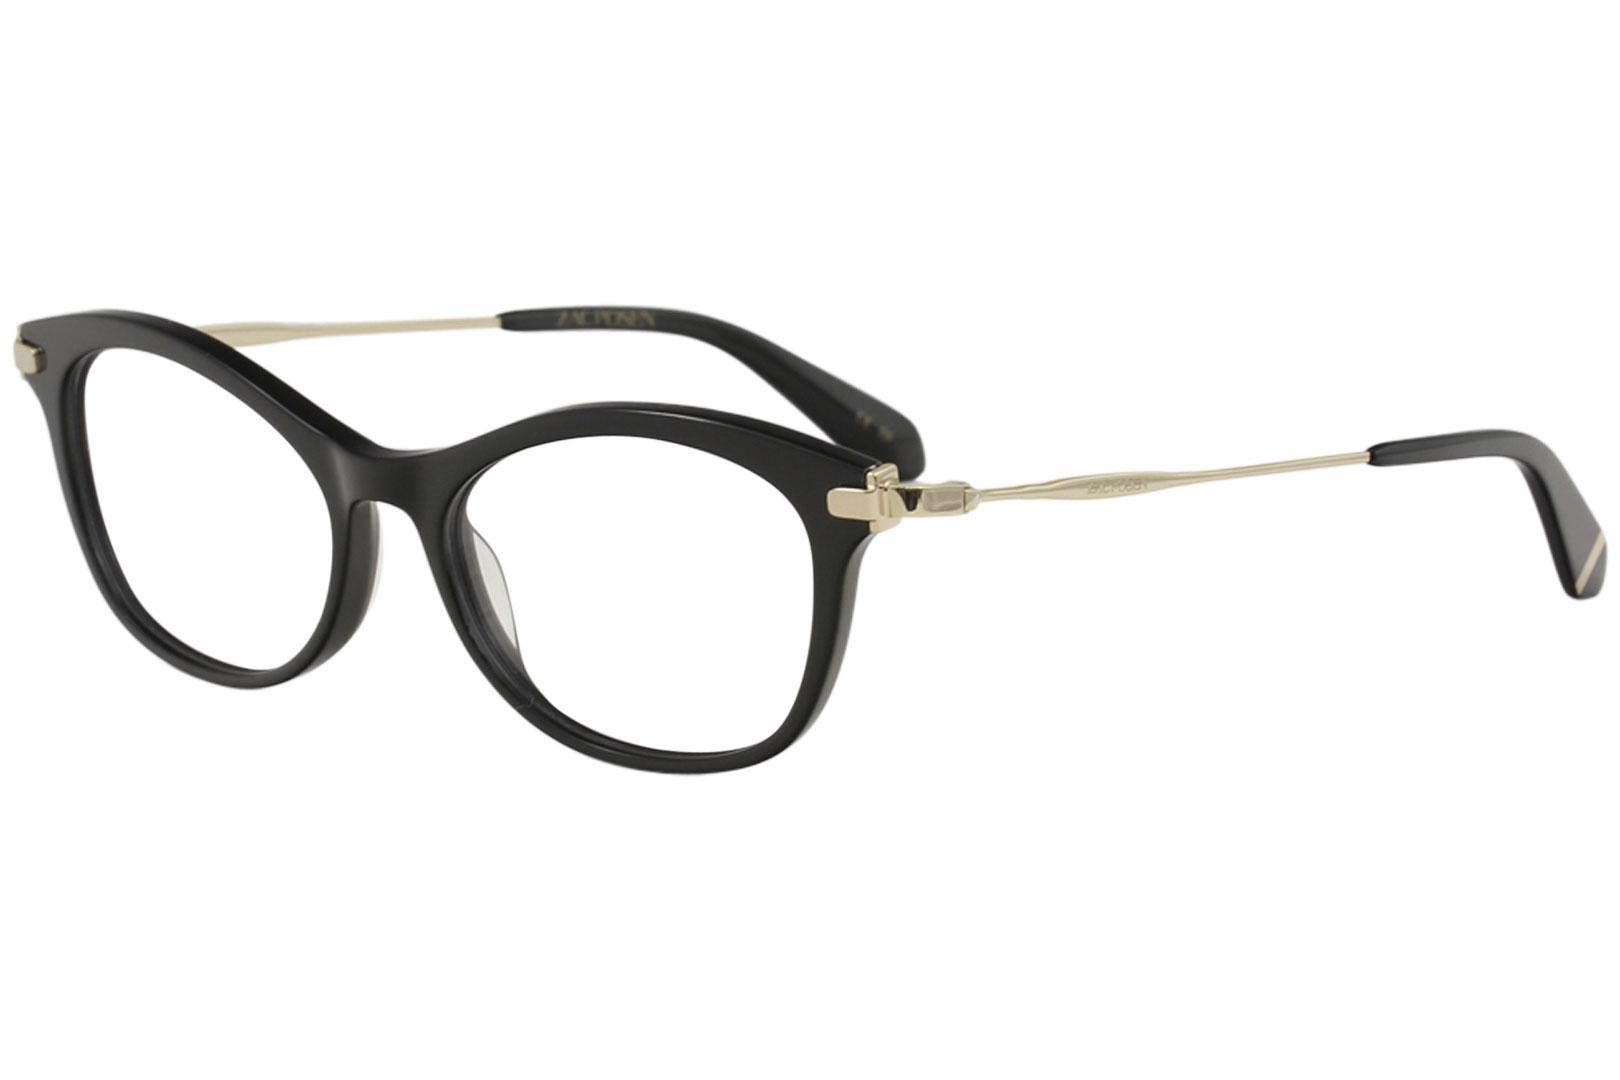 Image of Zac Posen Women's Eyeglasses Amilie Full Rim Optical Frame - Black -  Lens 52 Bridge 17 Temple 140mm